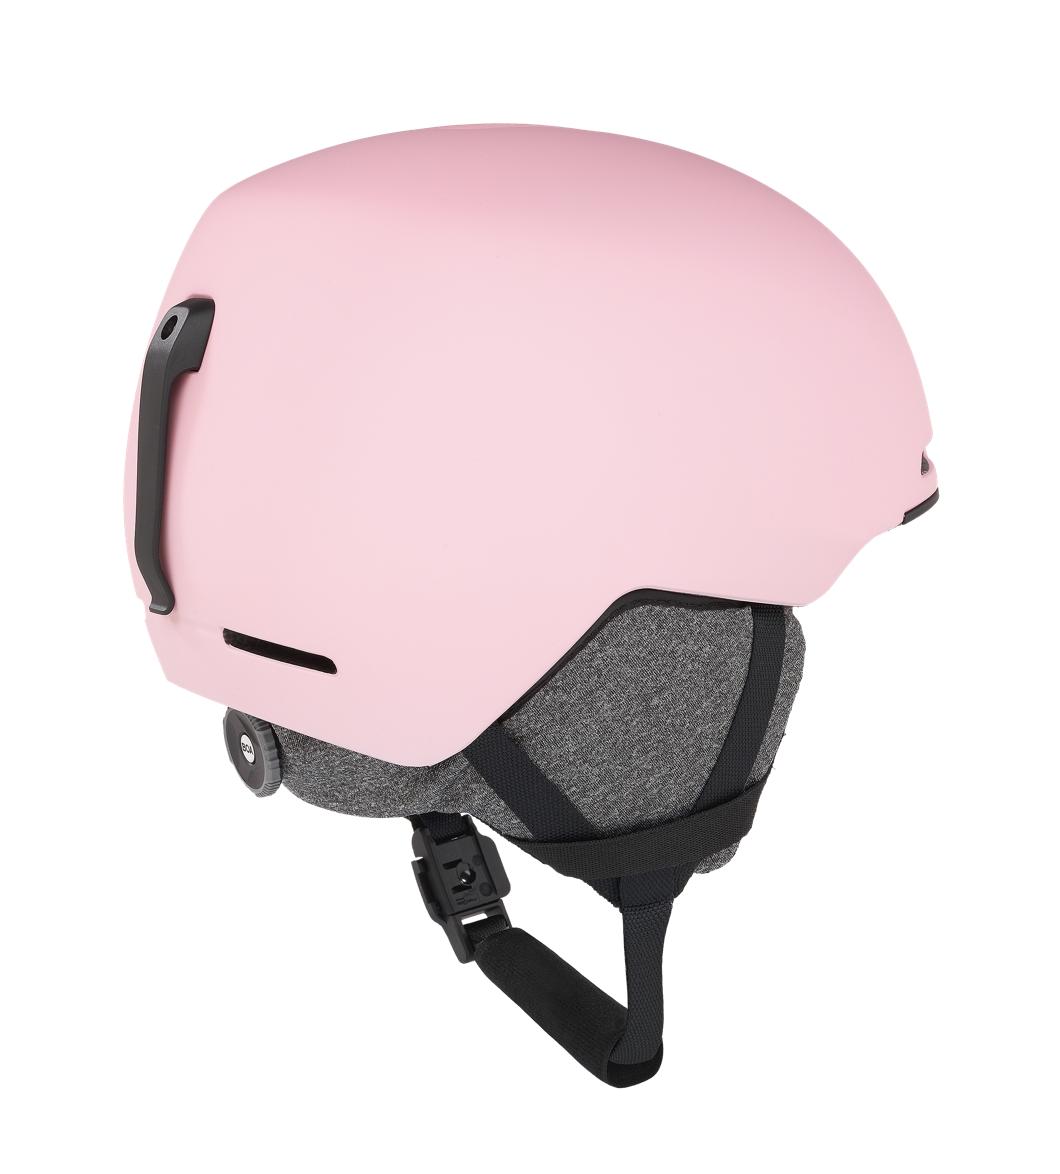 Bilde av Oakley Mod 1 Youth Pale Pink